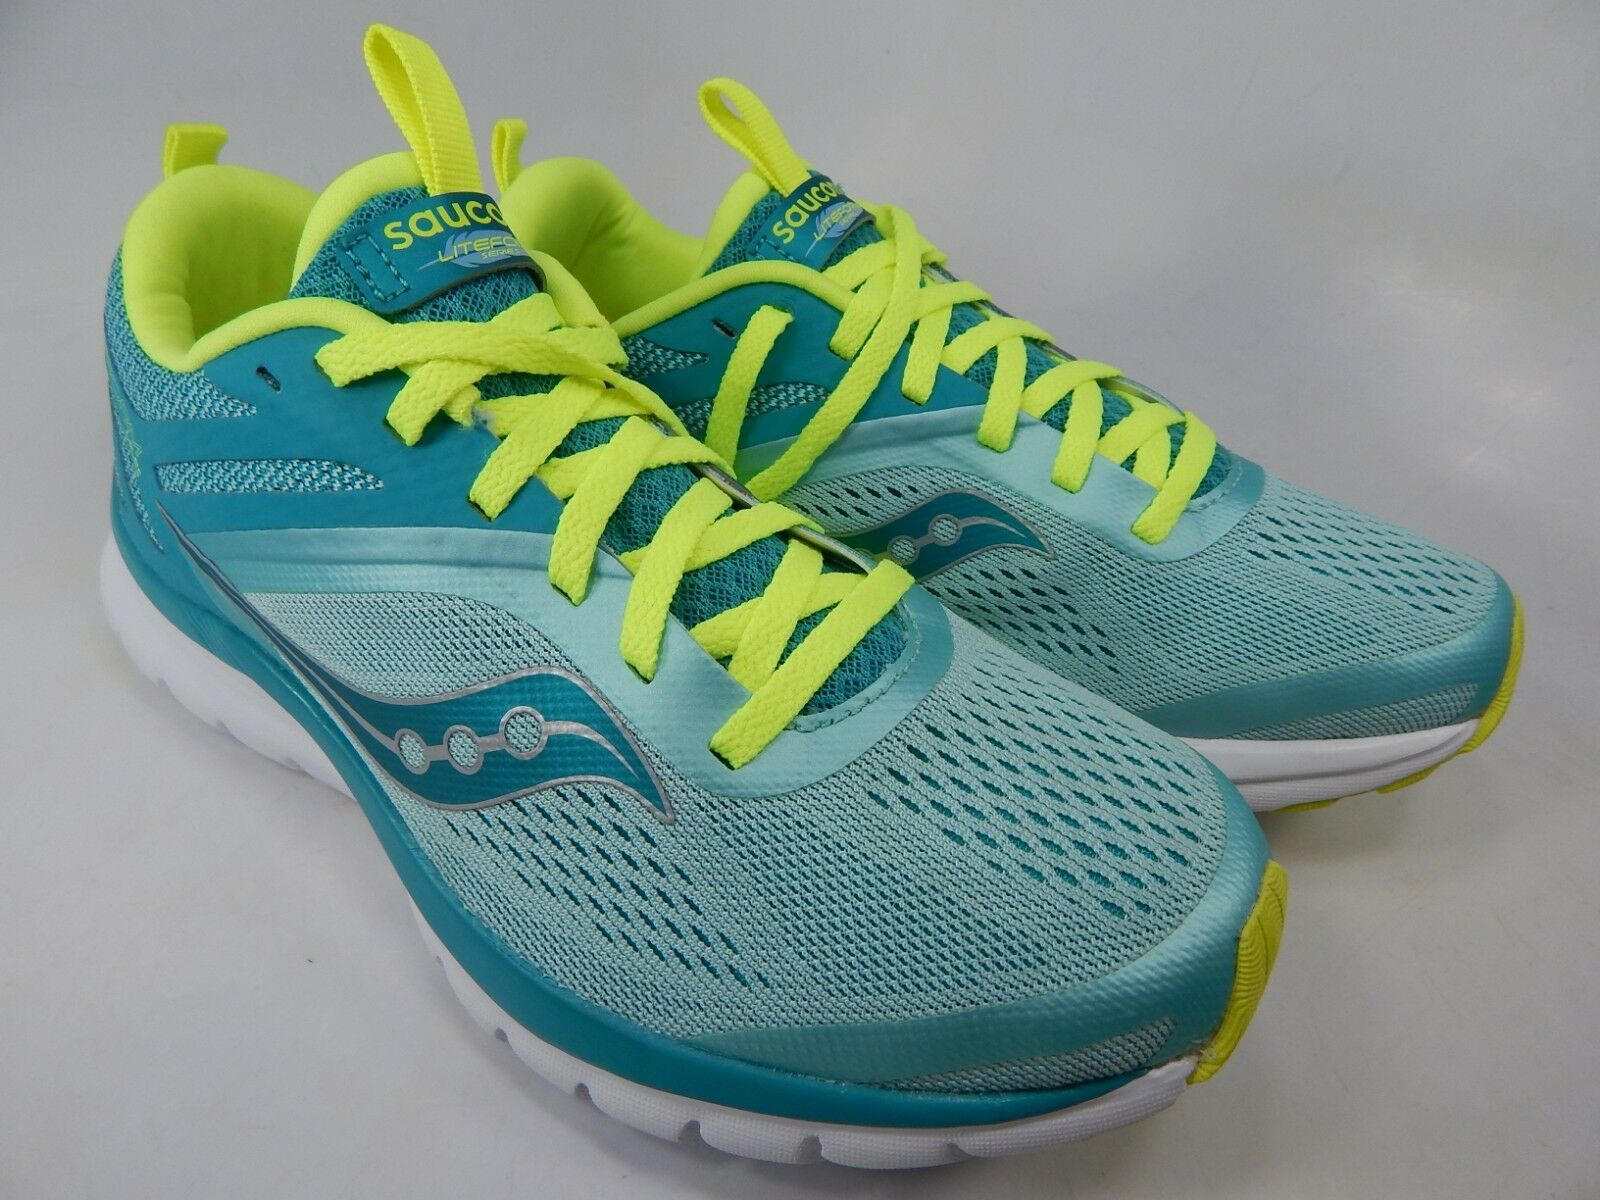 Saucony liteform Miles Taille 8 M (B) UE 39 Femmes Chaussures De Course Bleu Sarcelle S30007-1